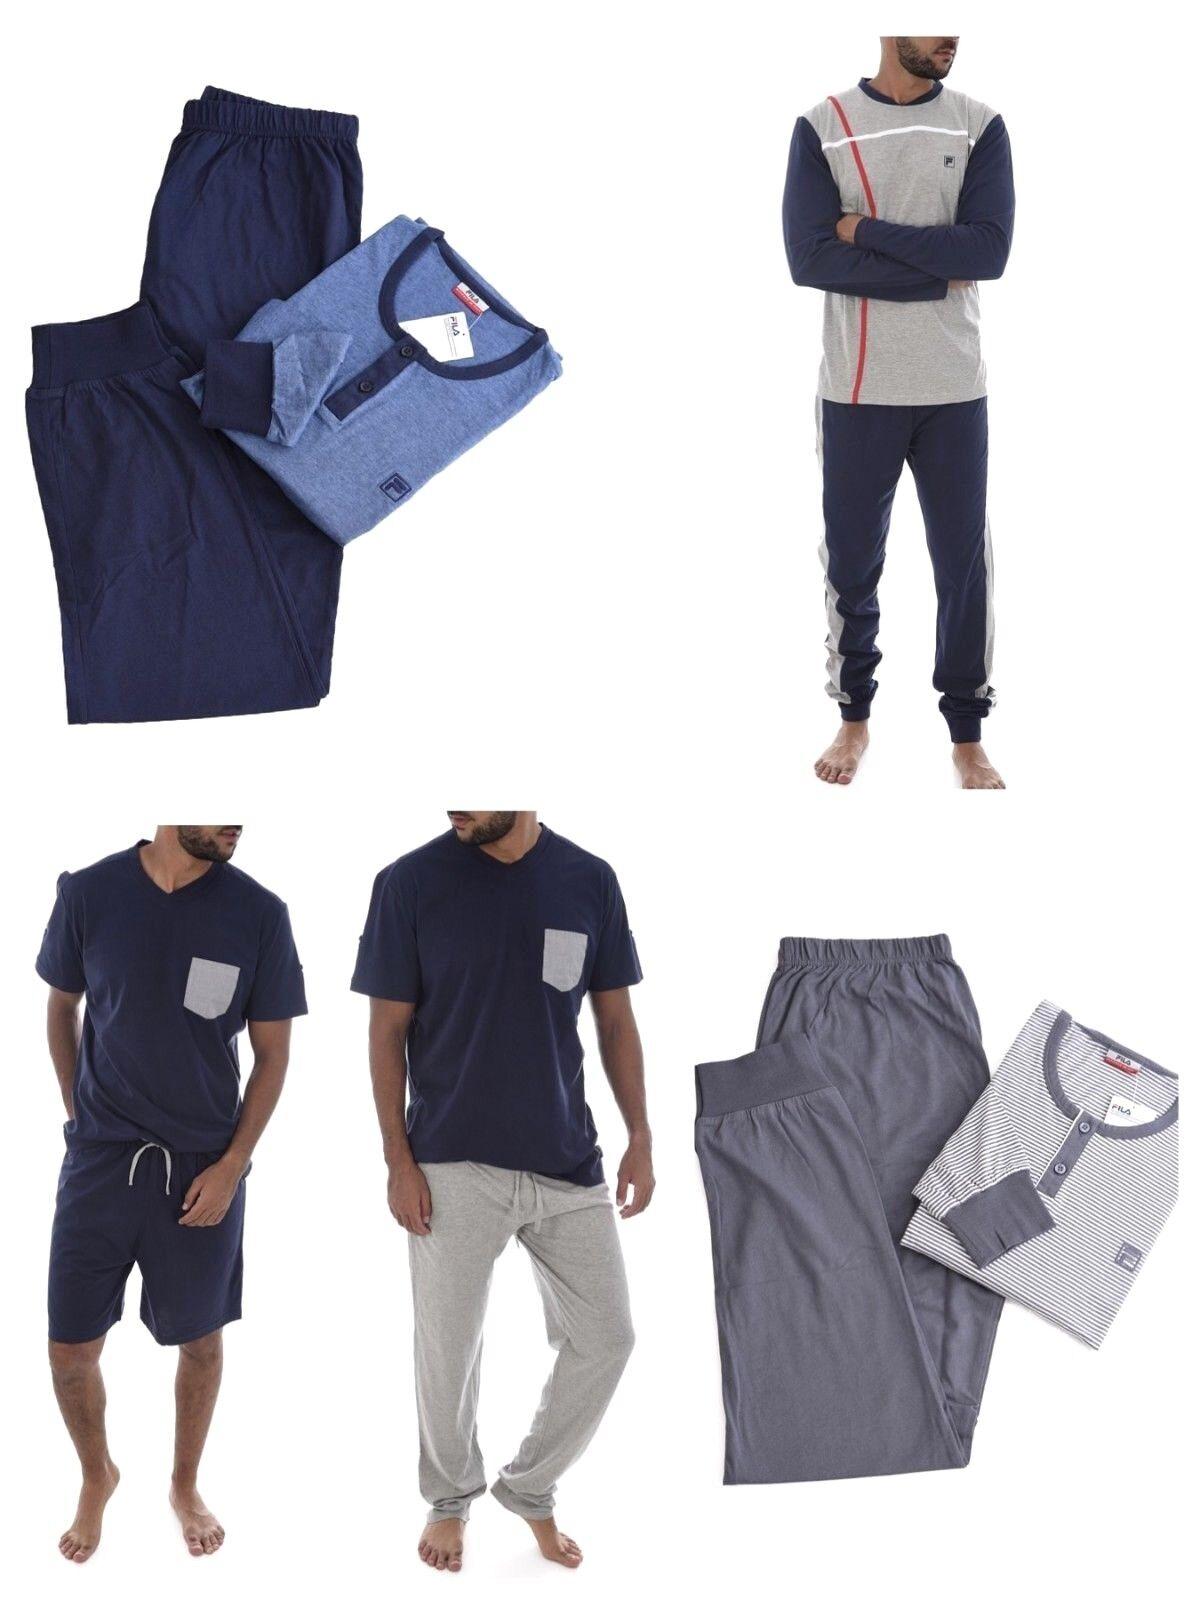 404c1b4fea7518 FILA Herren Pyjama Schlafanzug Nachtwäsche aus Baumwolle hochwertiger  npzieb1061-neue Kleidung